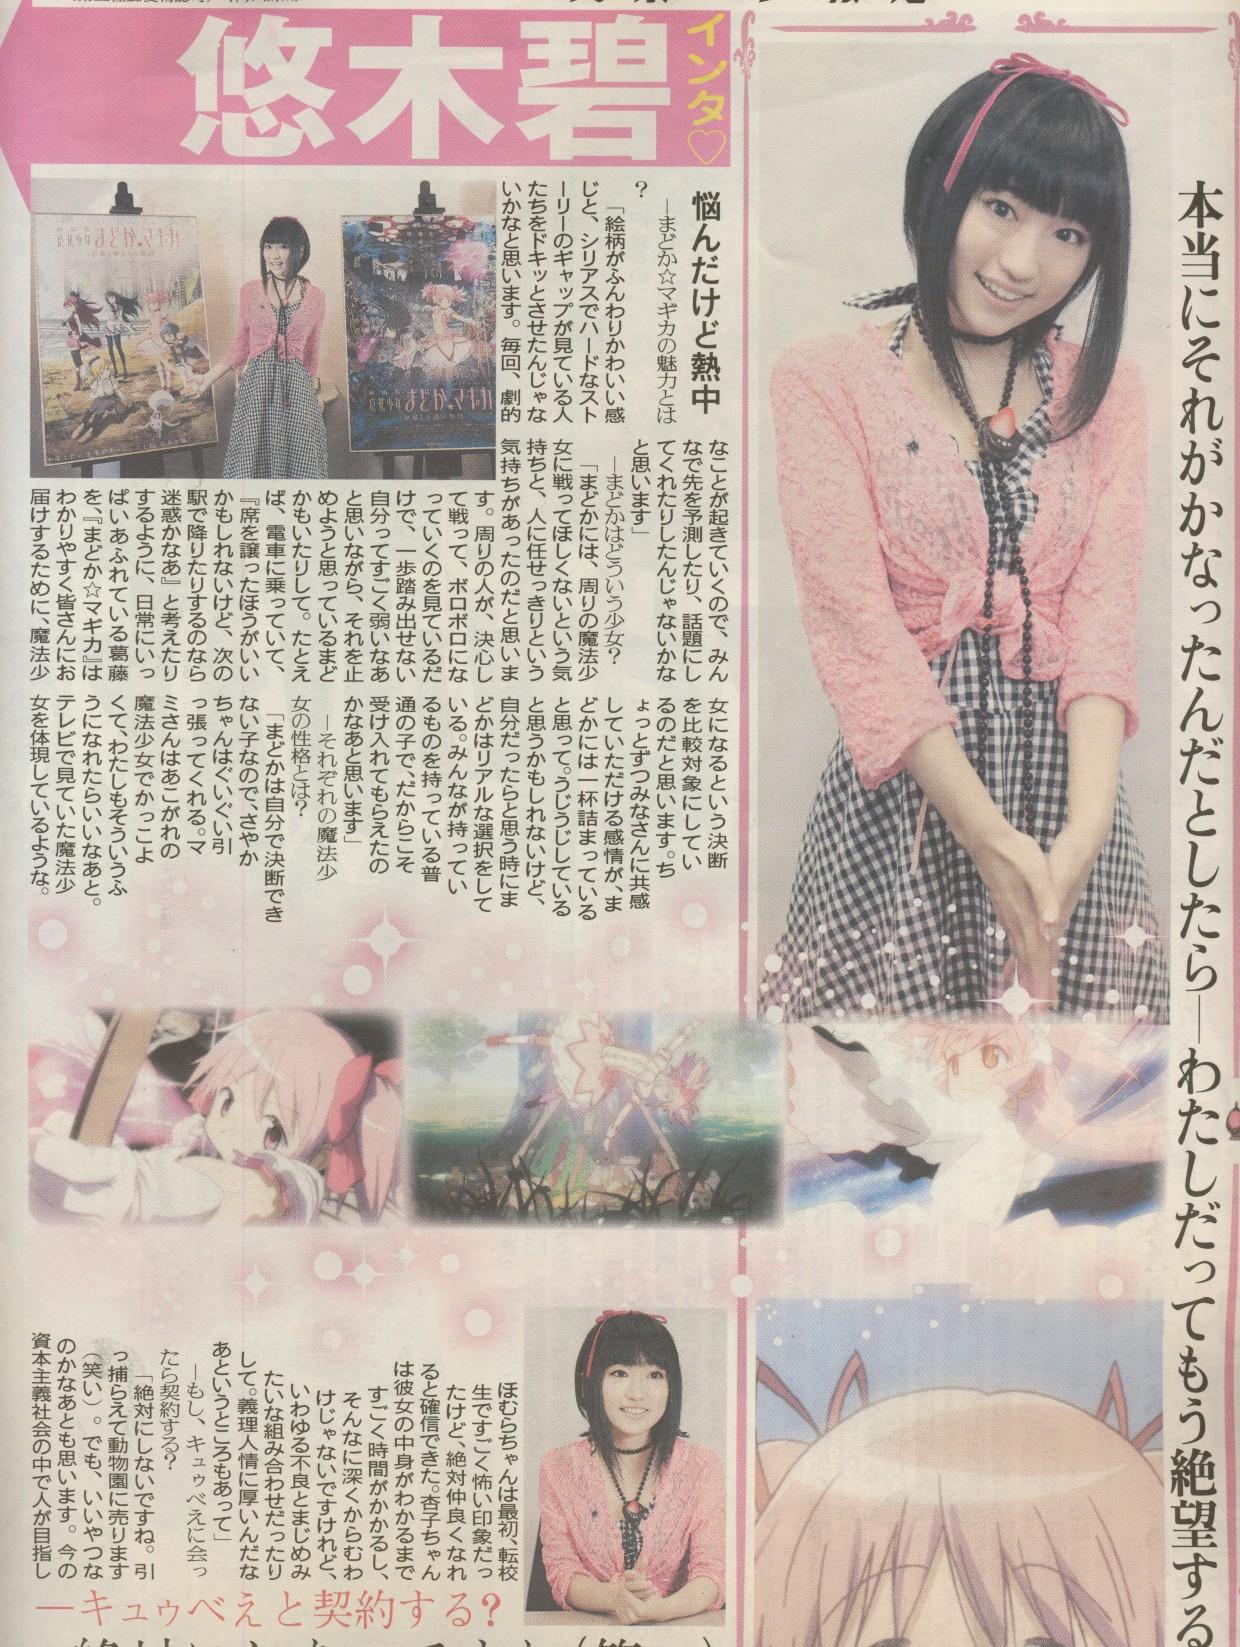 성우 유우키 아오이의 사진이 정말 귀엽습니다.